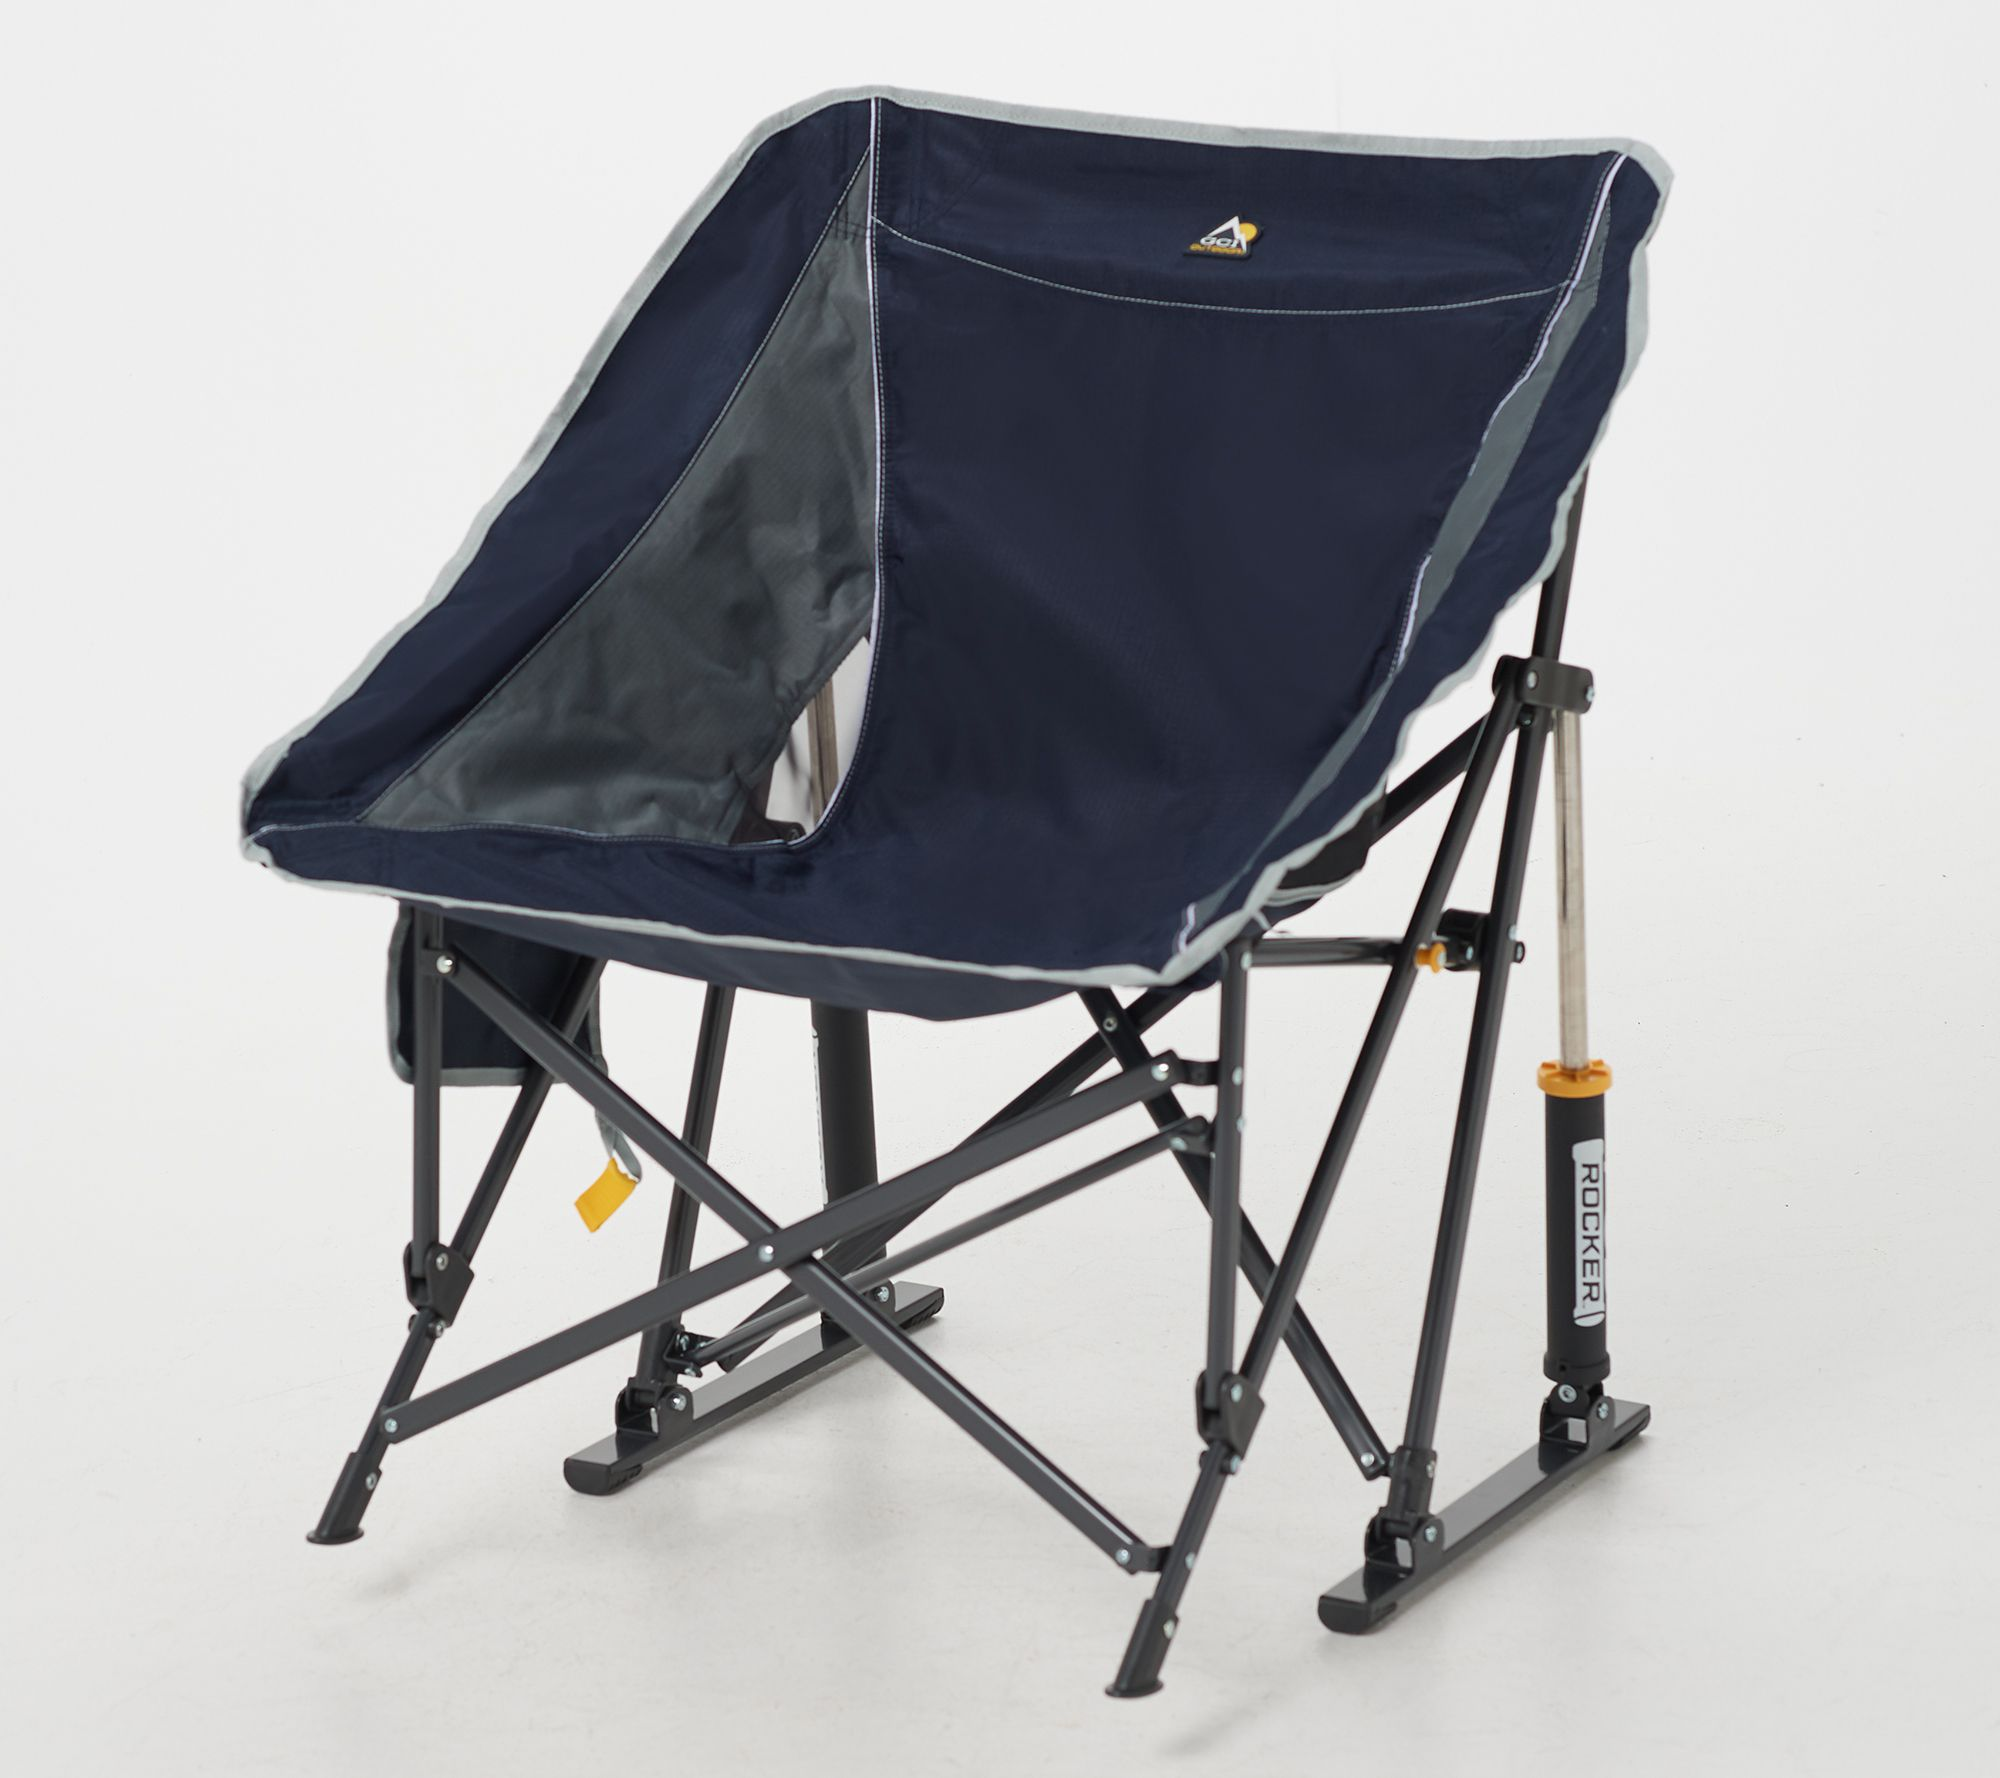 9% off an outdoor rocker chair